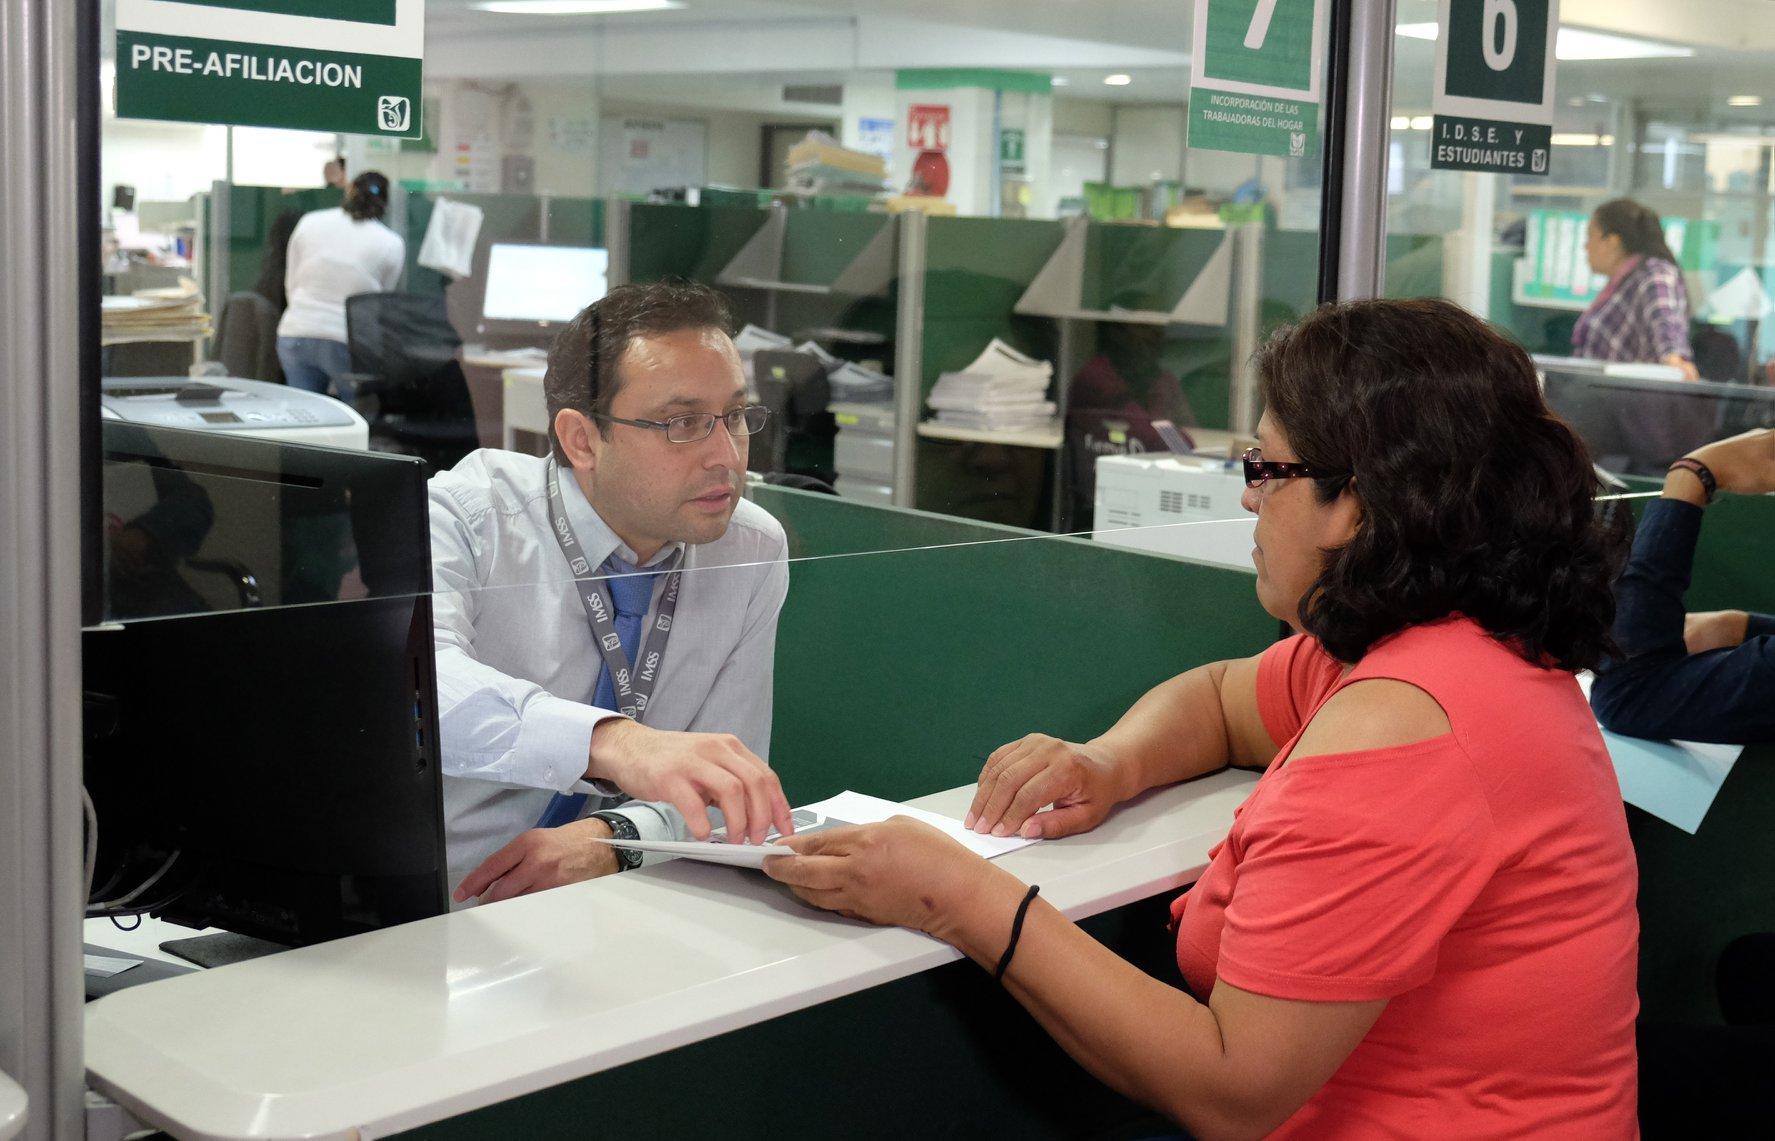 Continua recuperación de empleos en Guanajuato